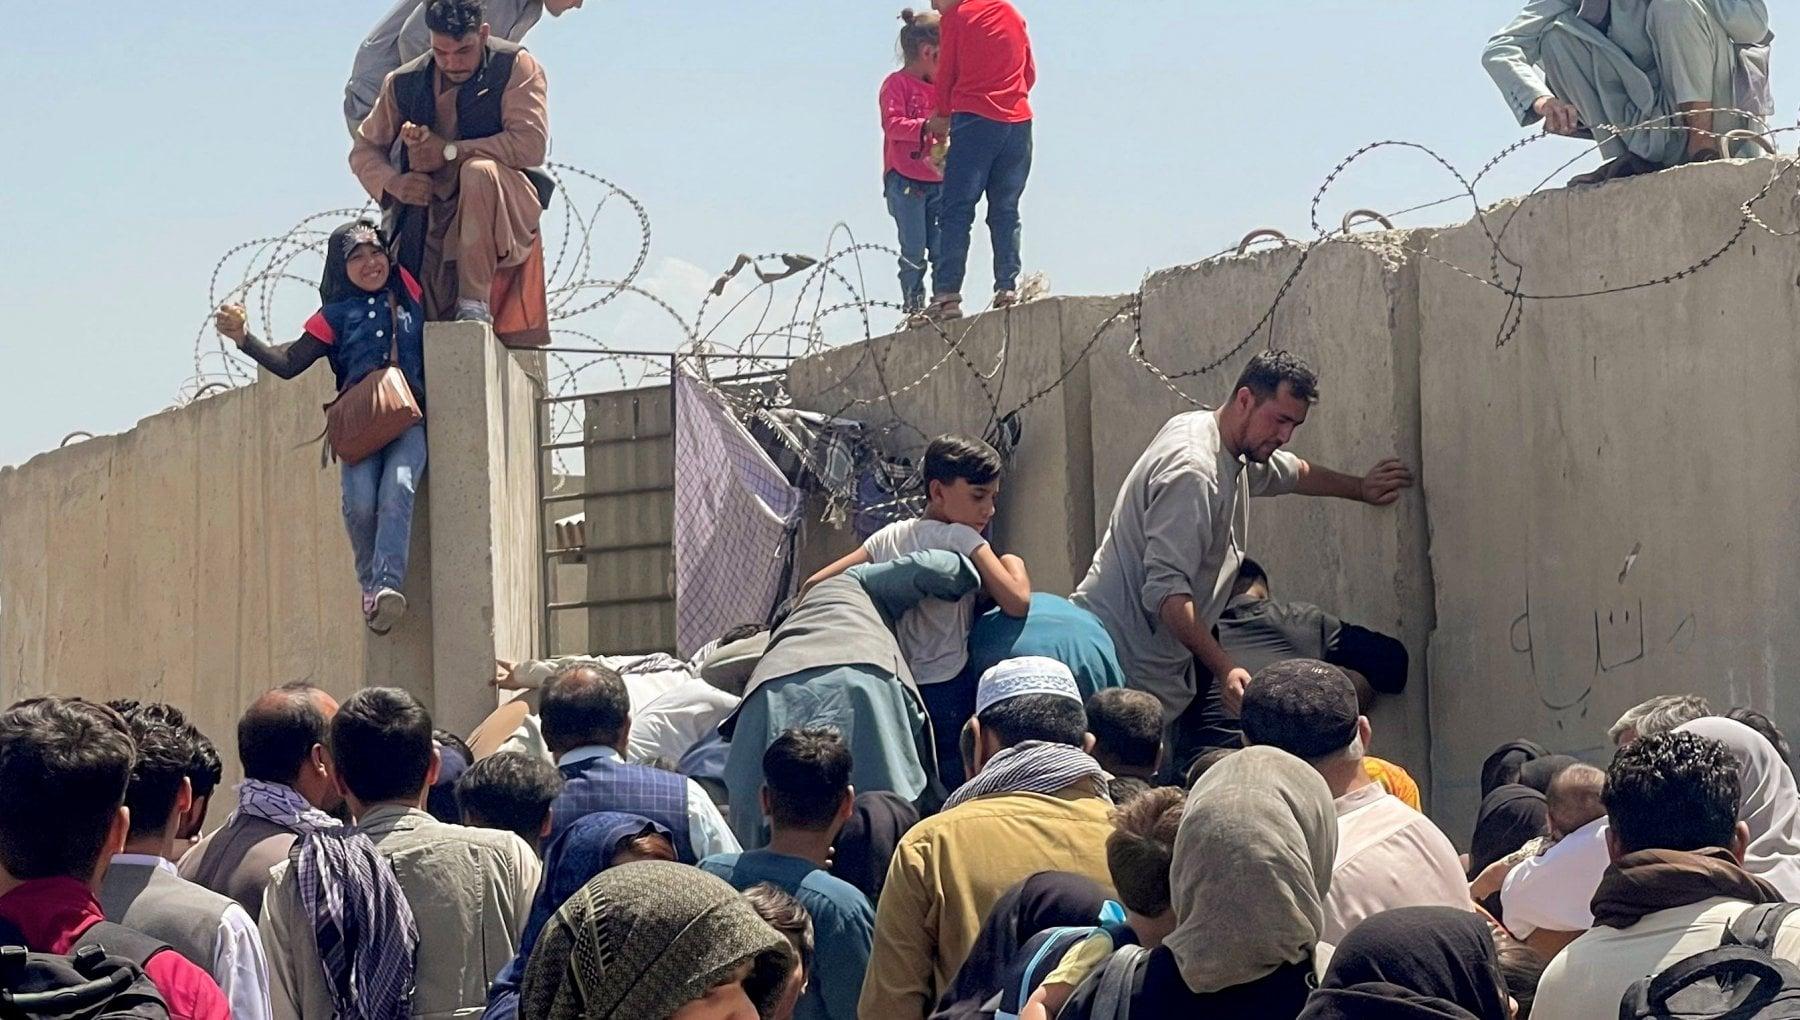 """180216174 ce3767fb fc82 463d 9819 19c32138fe8c - L'analista americano: """"L'Afghanistan è il nostro nuovo Vietnam"""""""